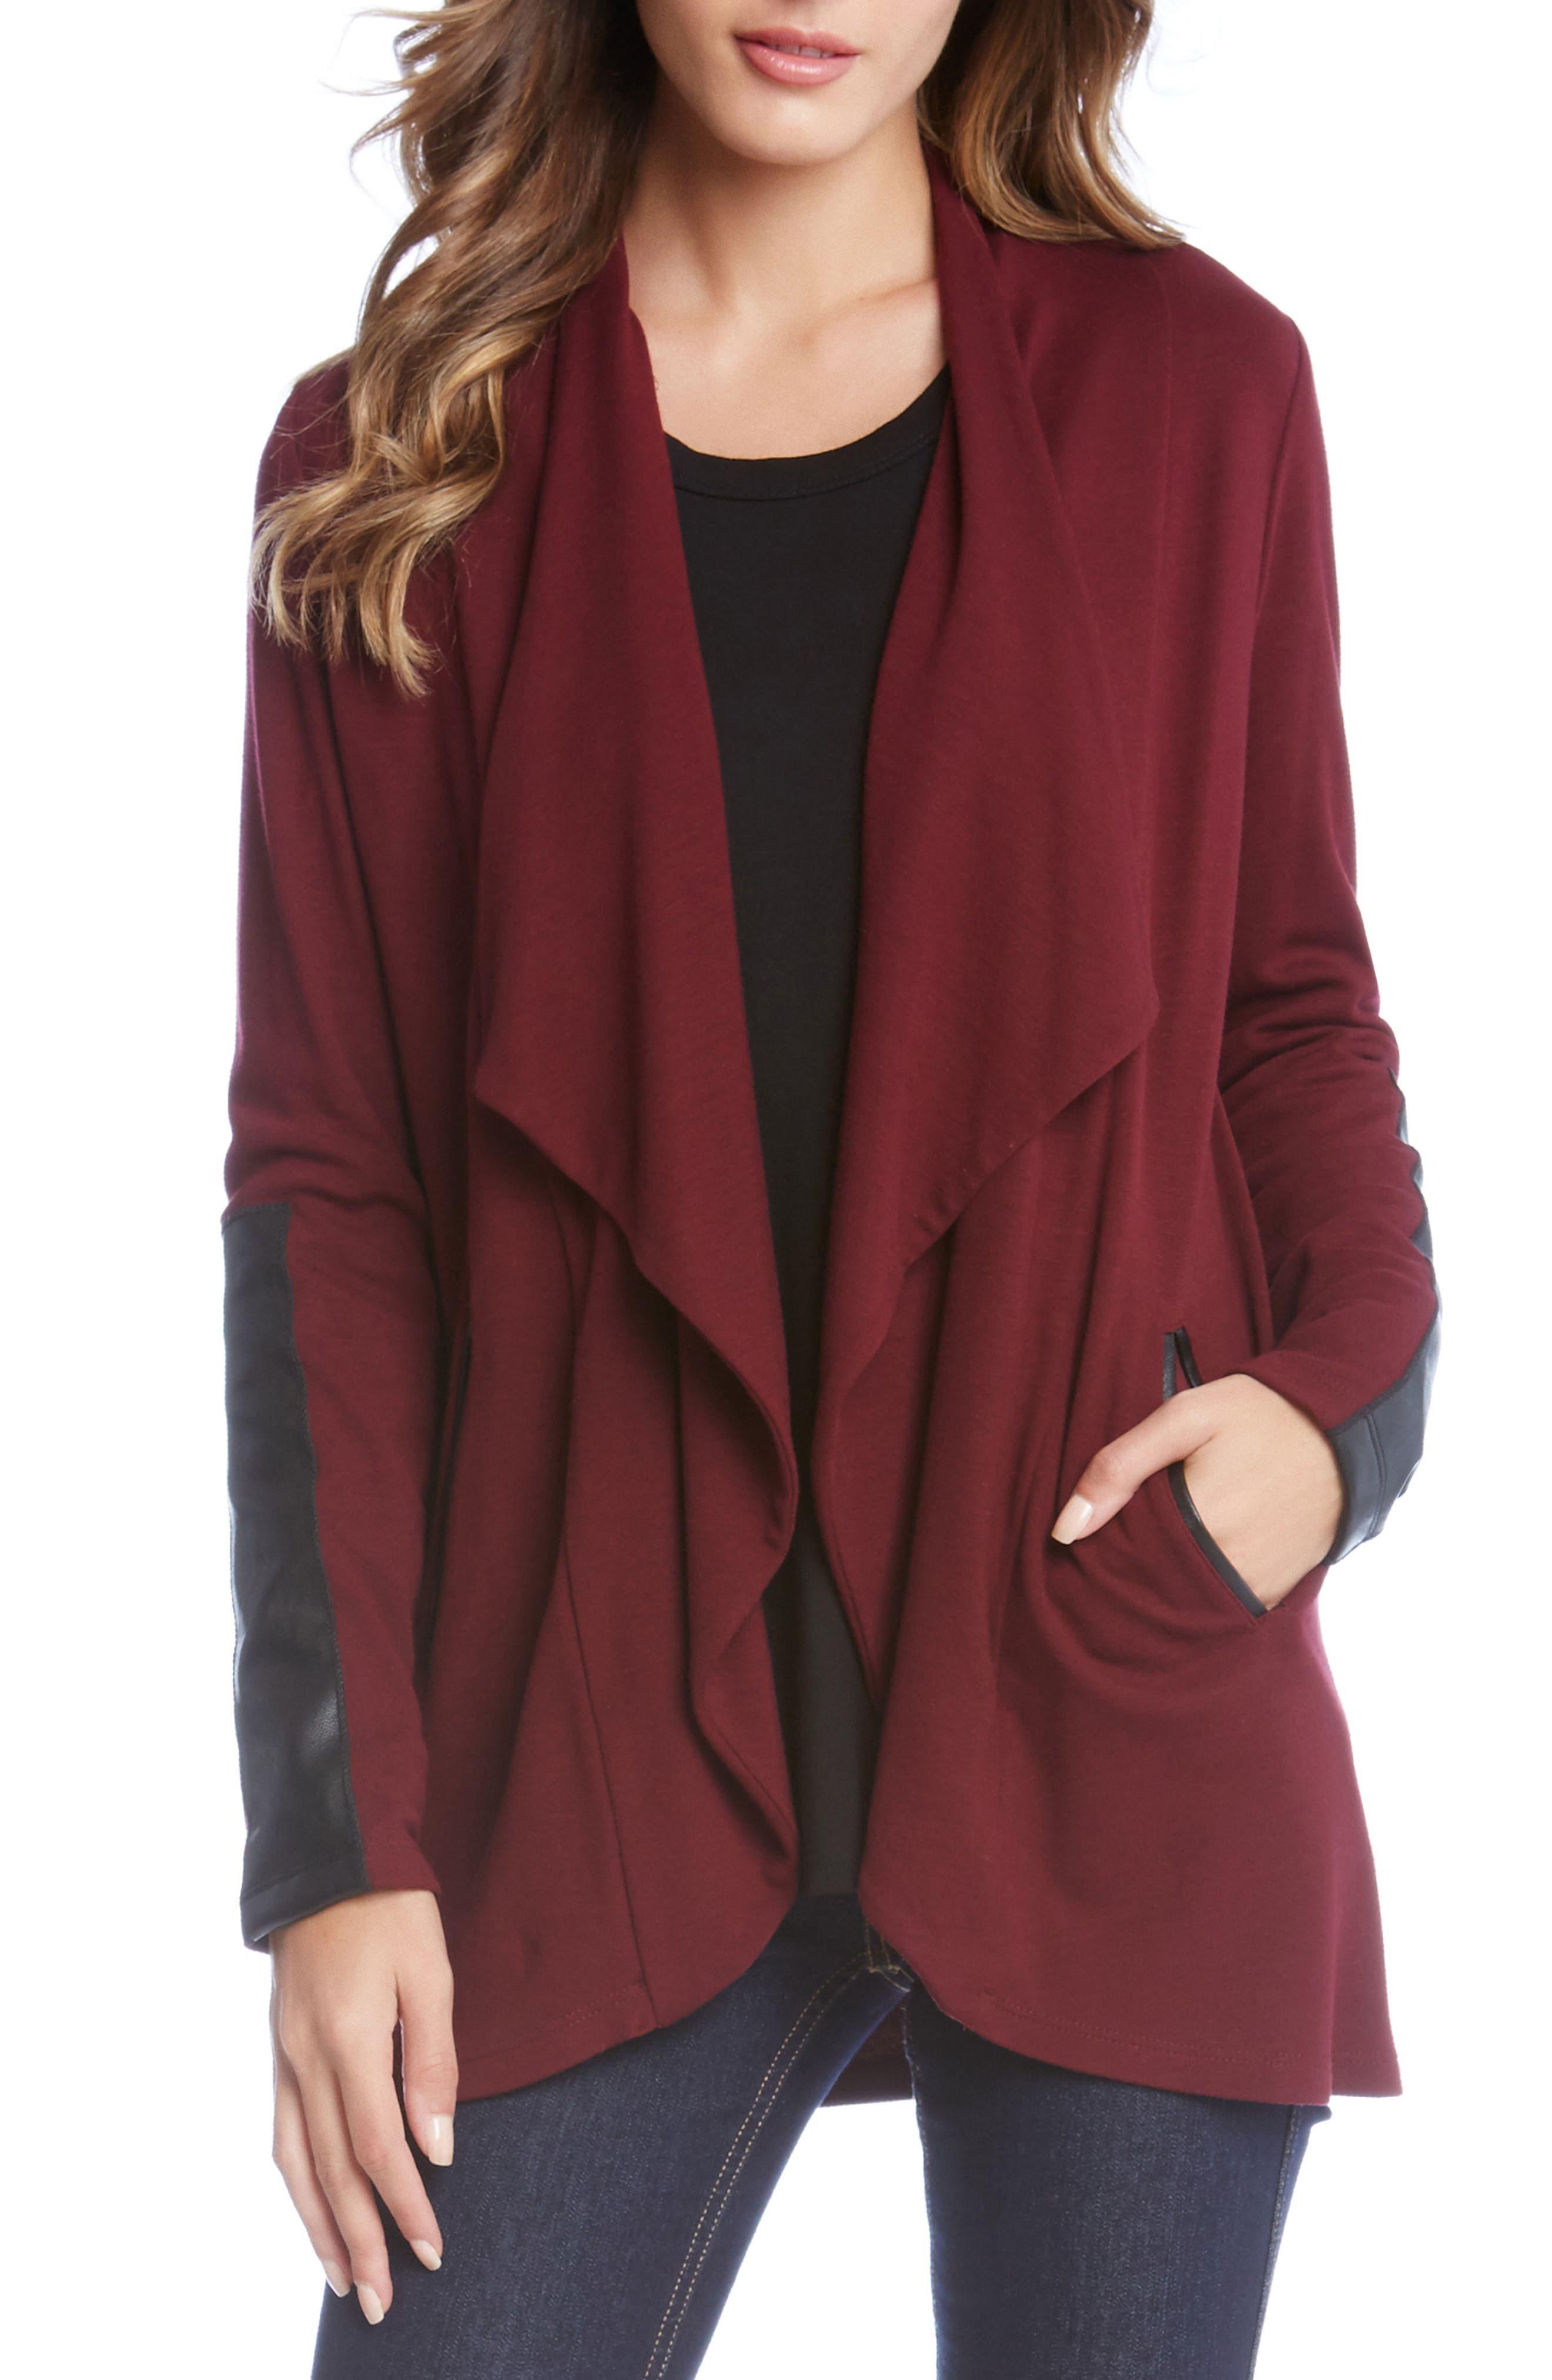 Alternate Image 1 Selected - Karen Kane Faux Leather Detail Jacket